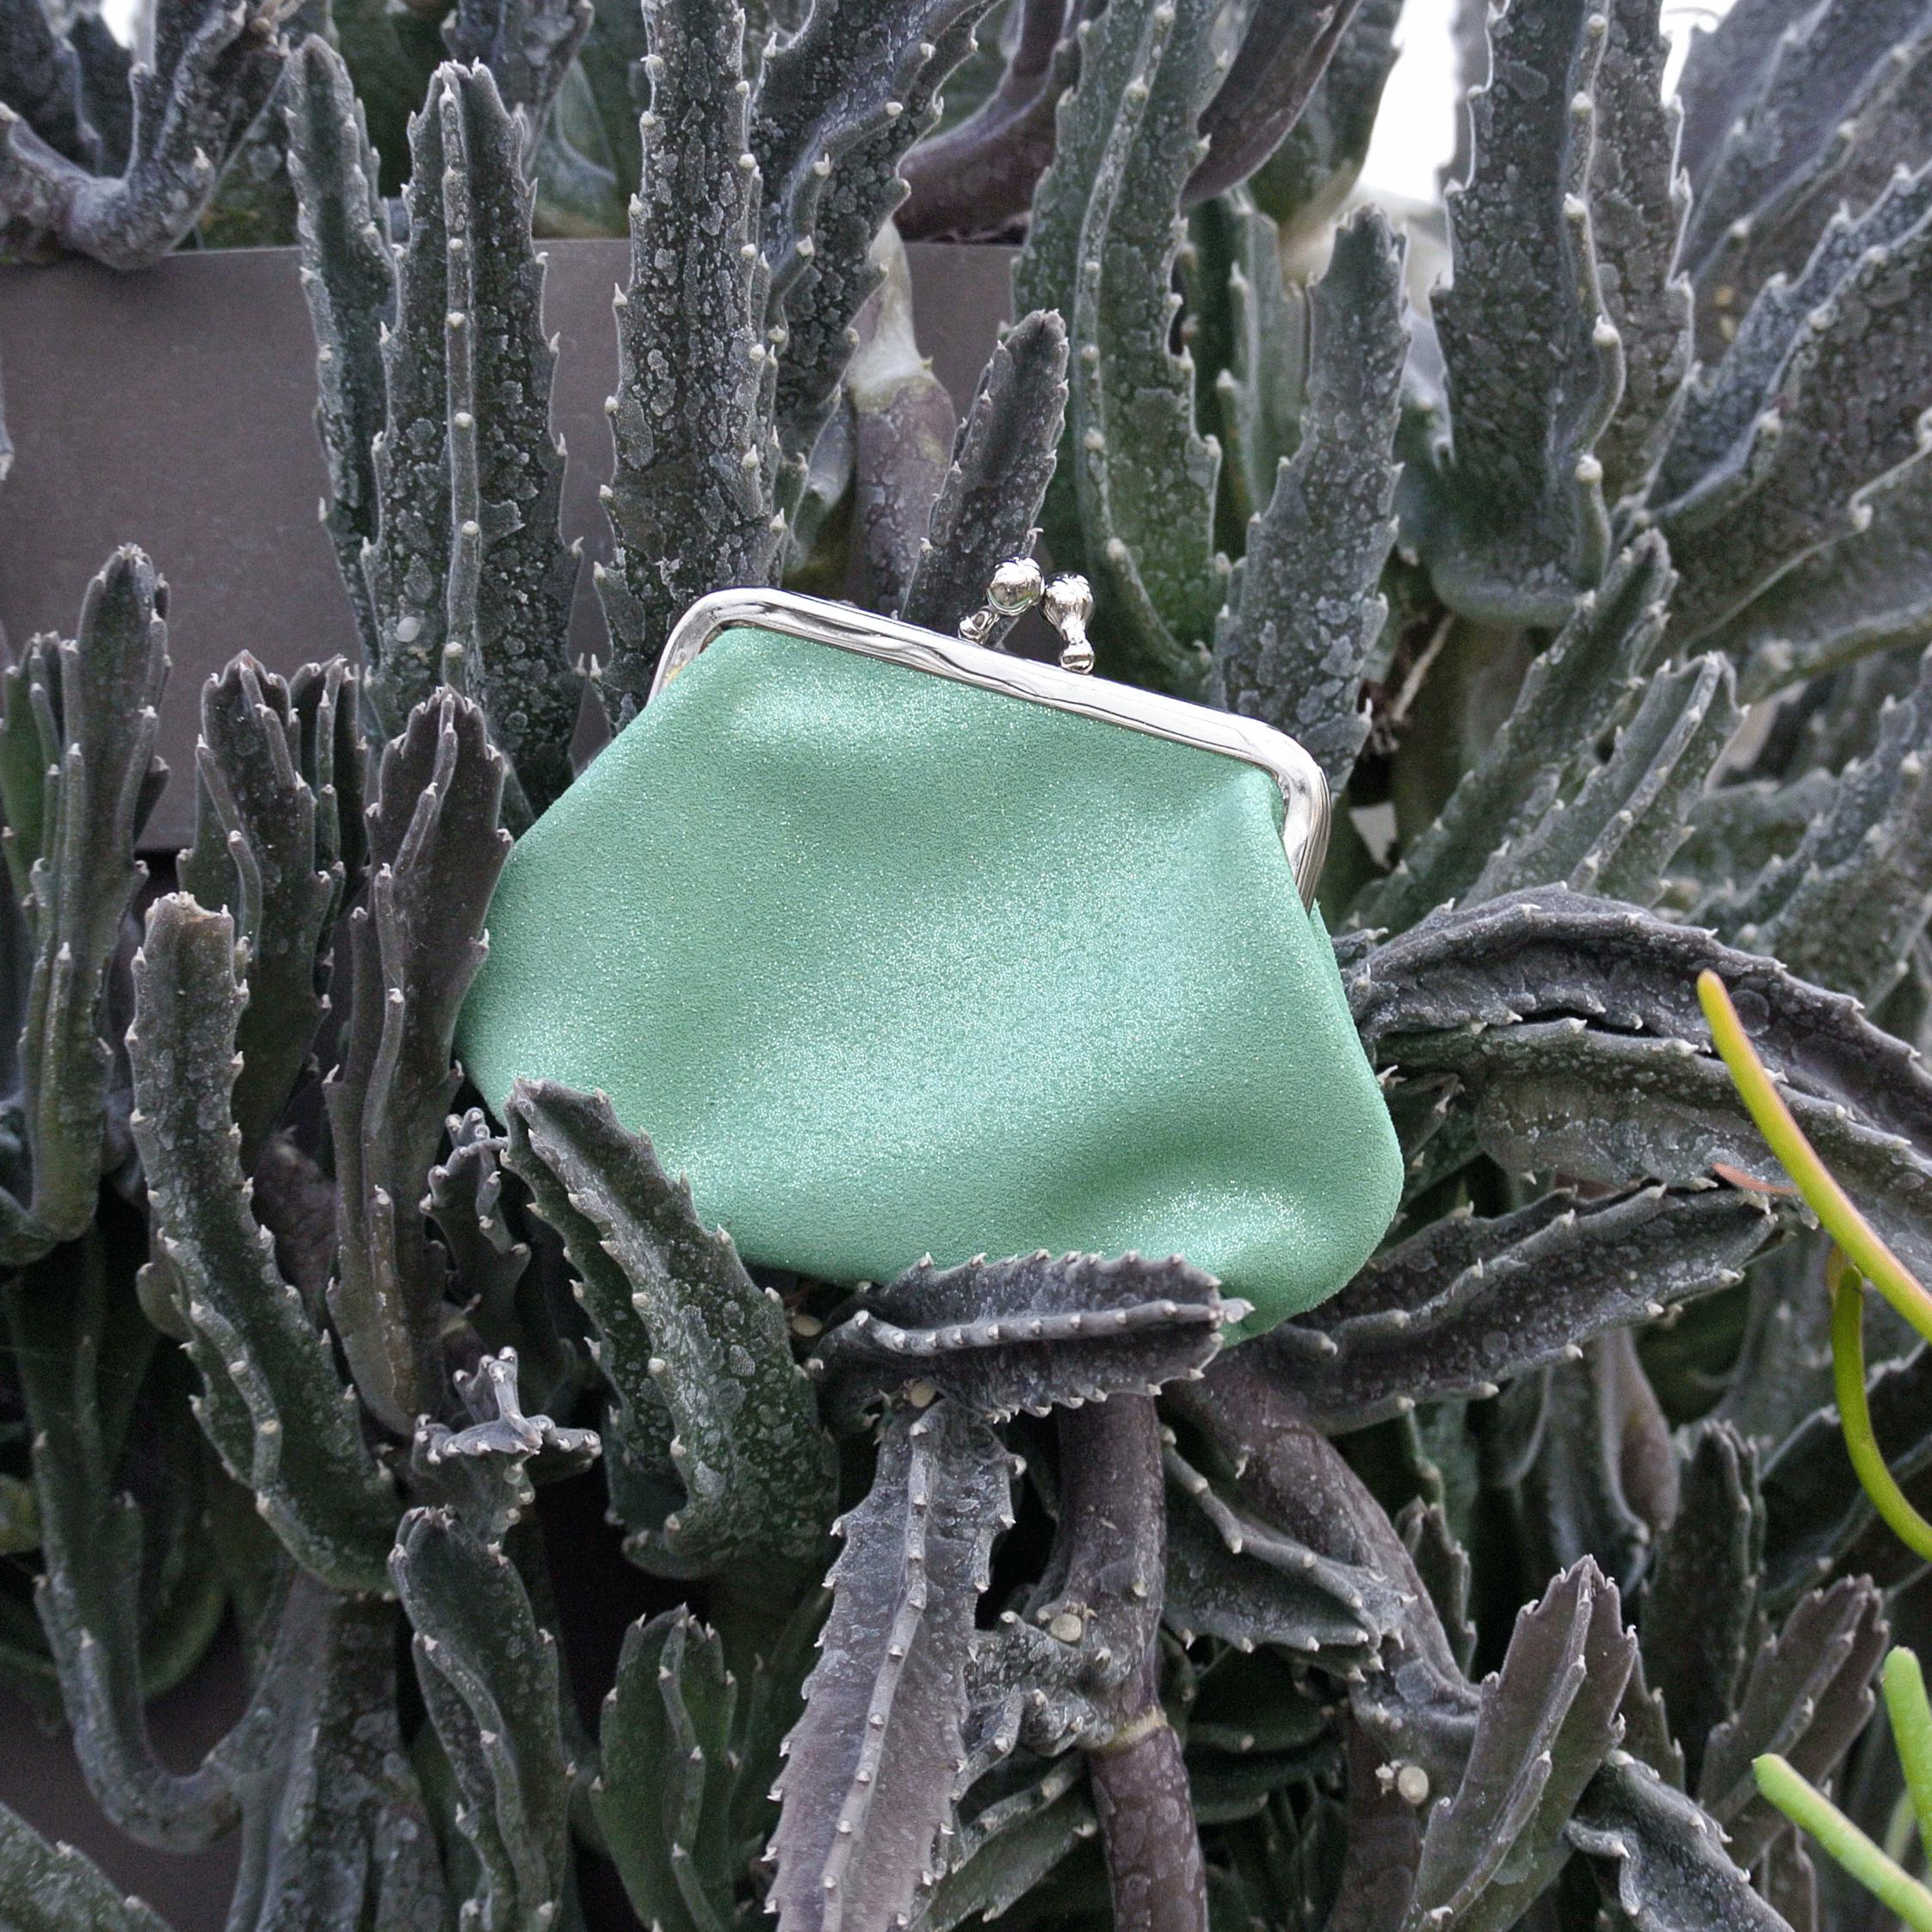 la-cartabliere-fabrique-en-france-made-in-france-porte-monnaie-reine-en-cuir-paillete-vert-amande